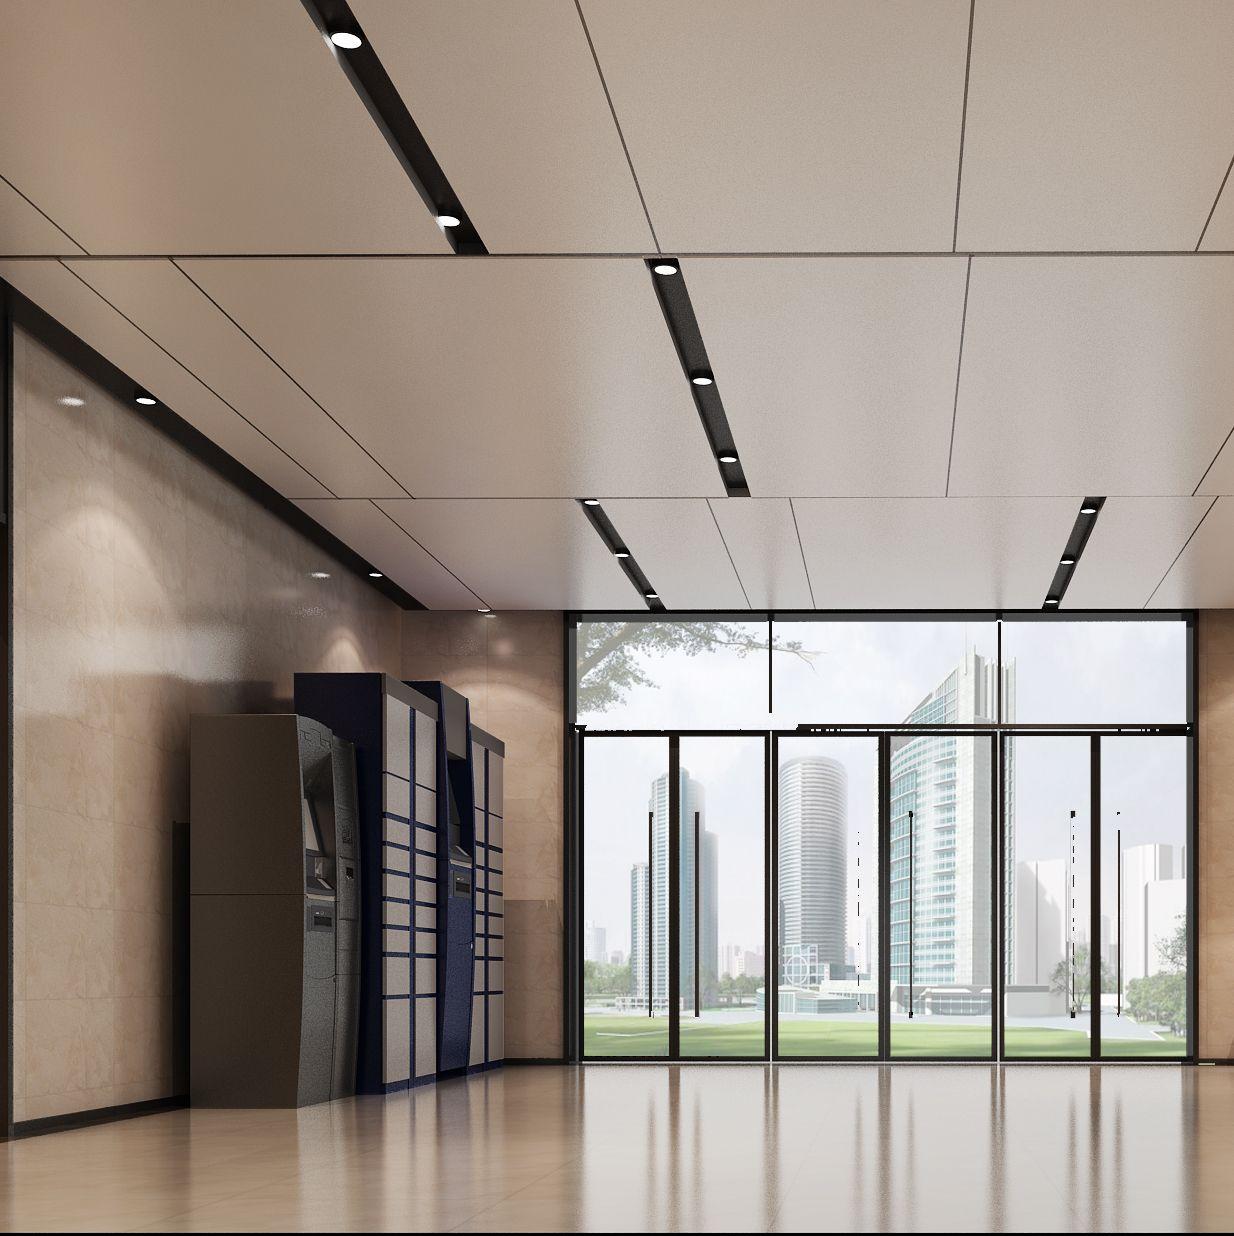 天津市武清区创业总部基地楼宇改造项目